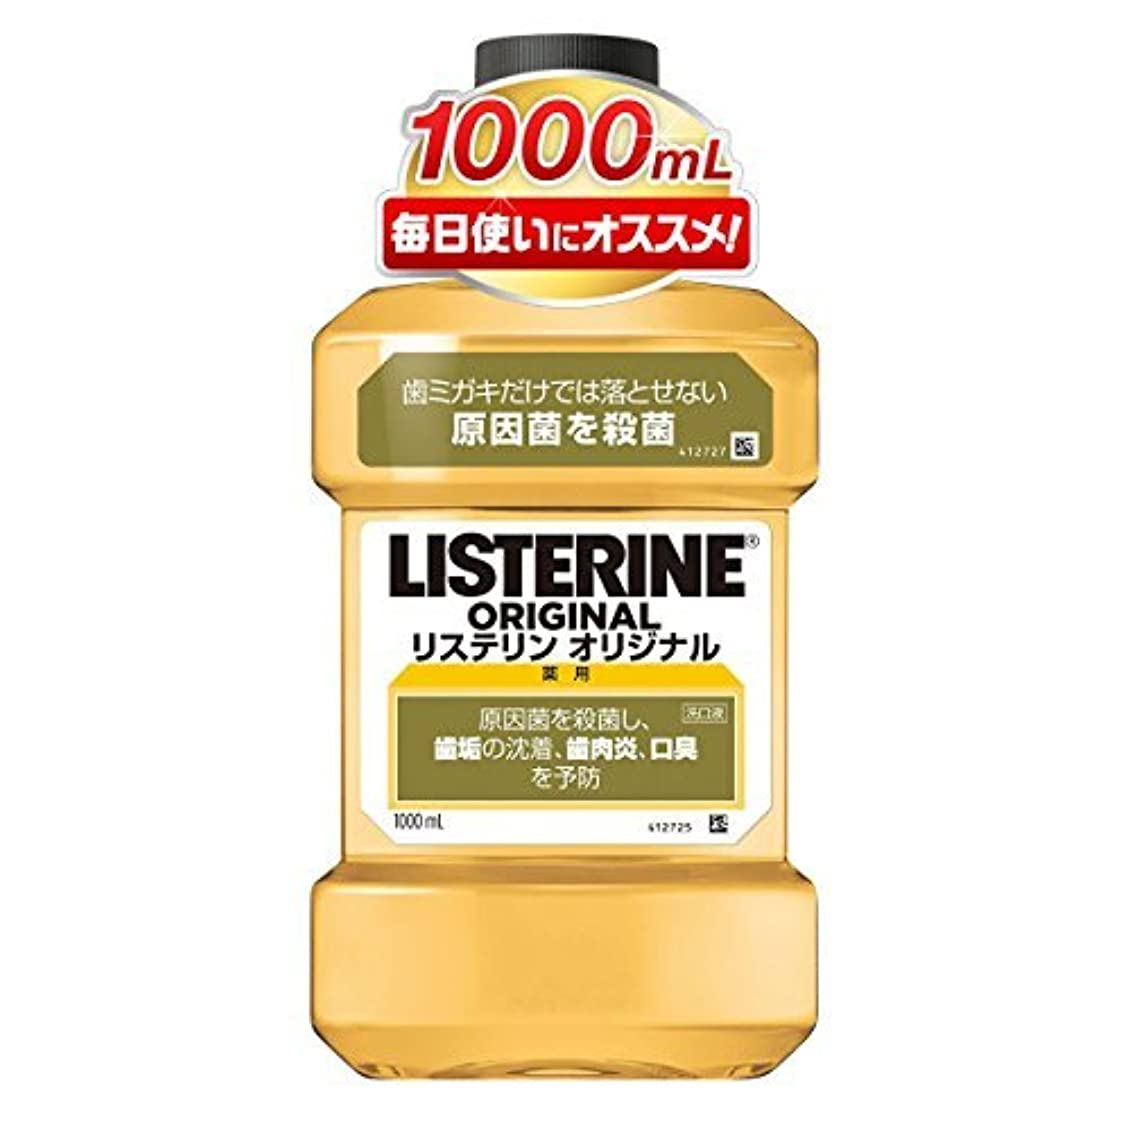 教えて忠誠ジョージスティーブンソン薬用リステリン オリジナル 1000ml ×6個セット